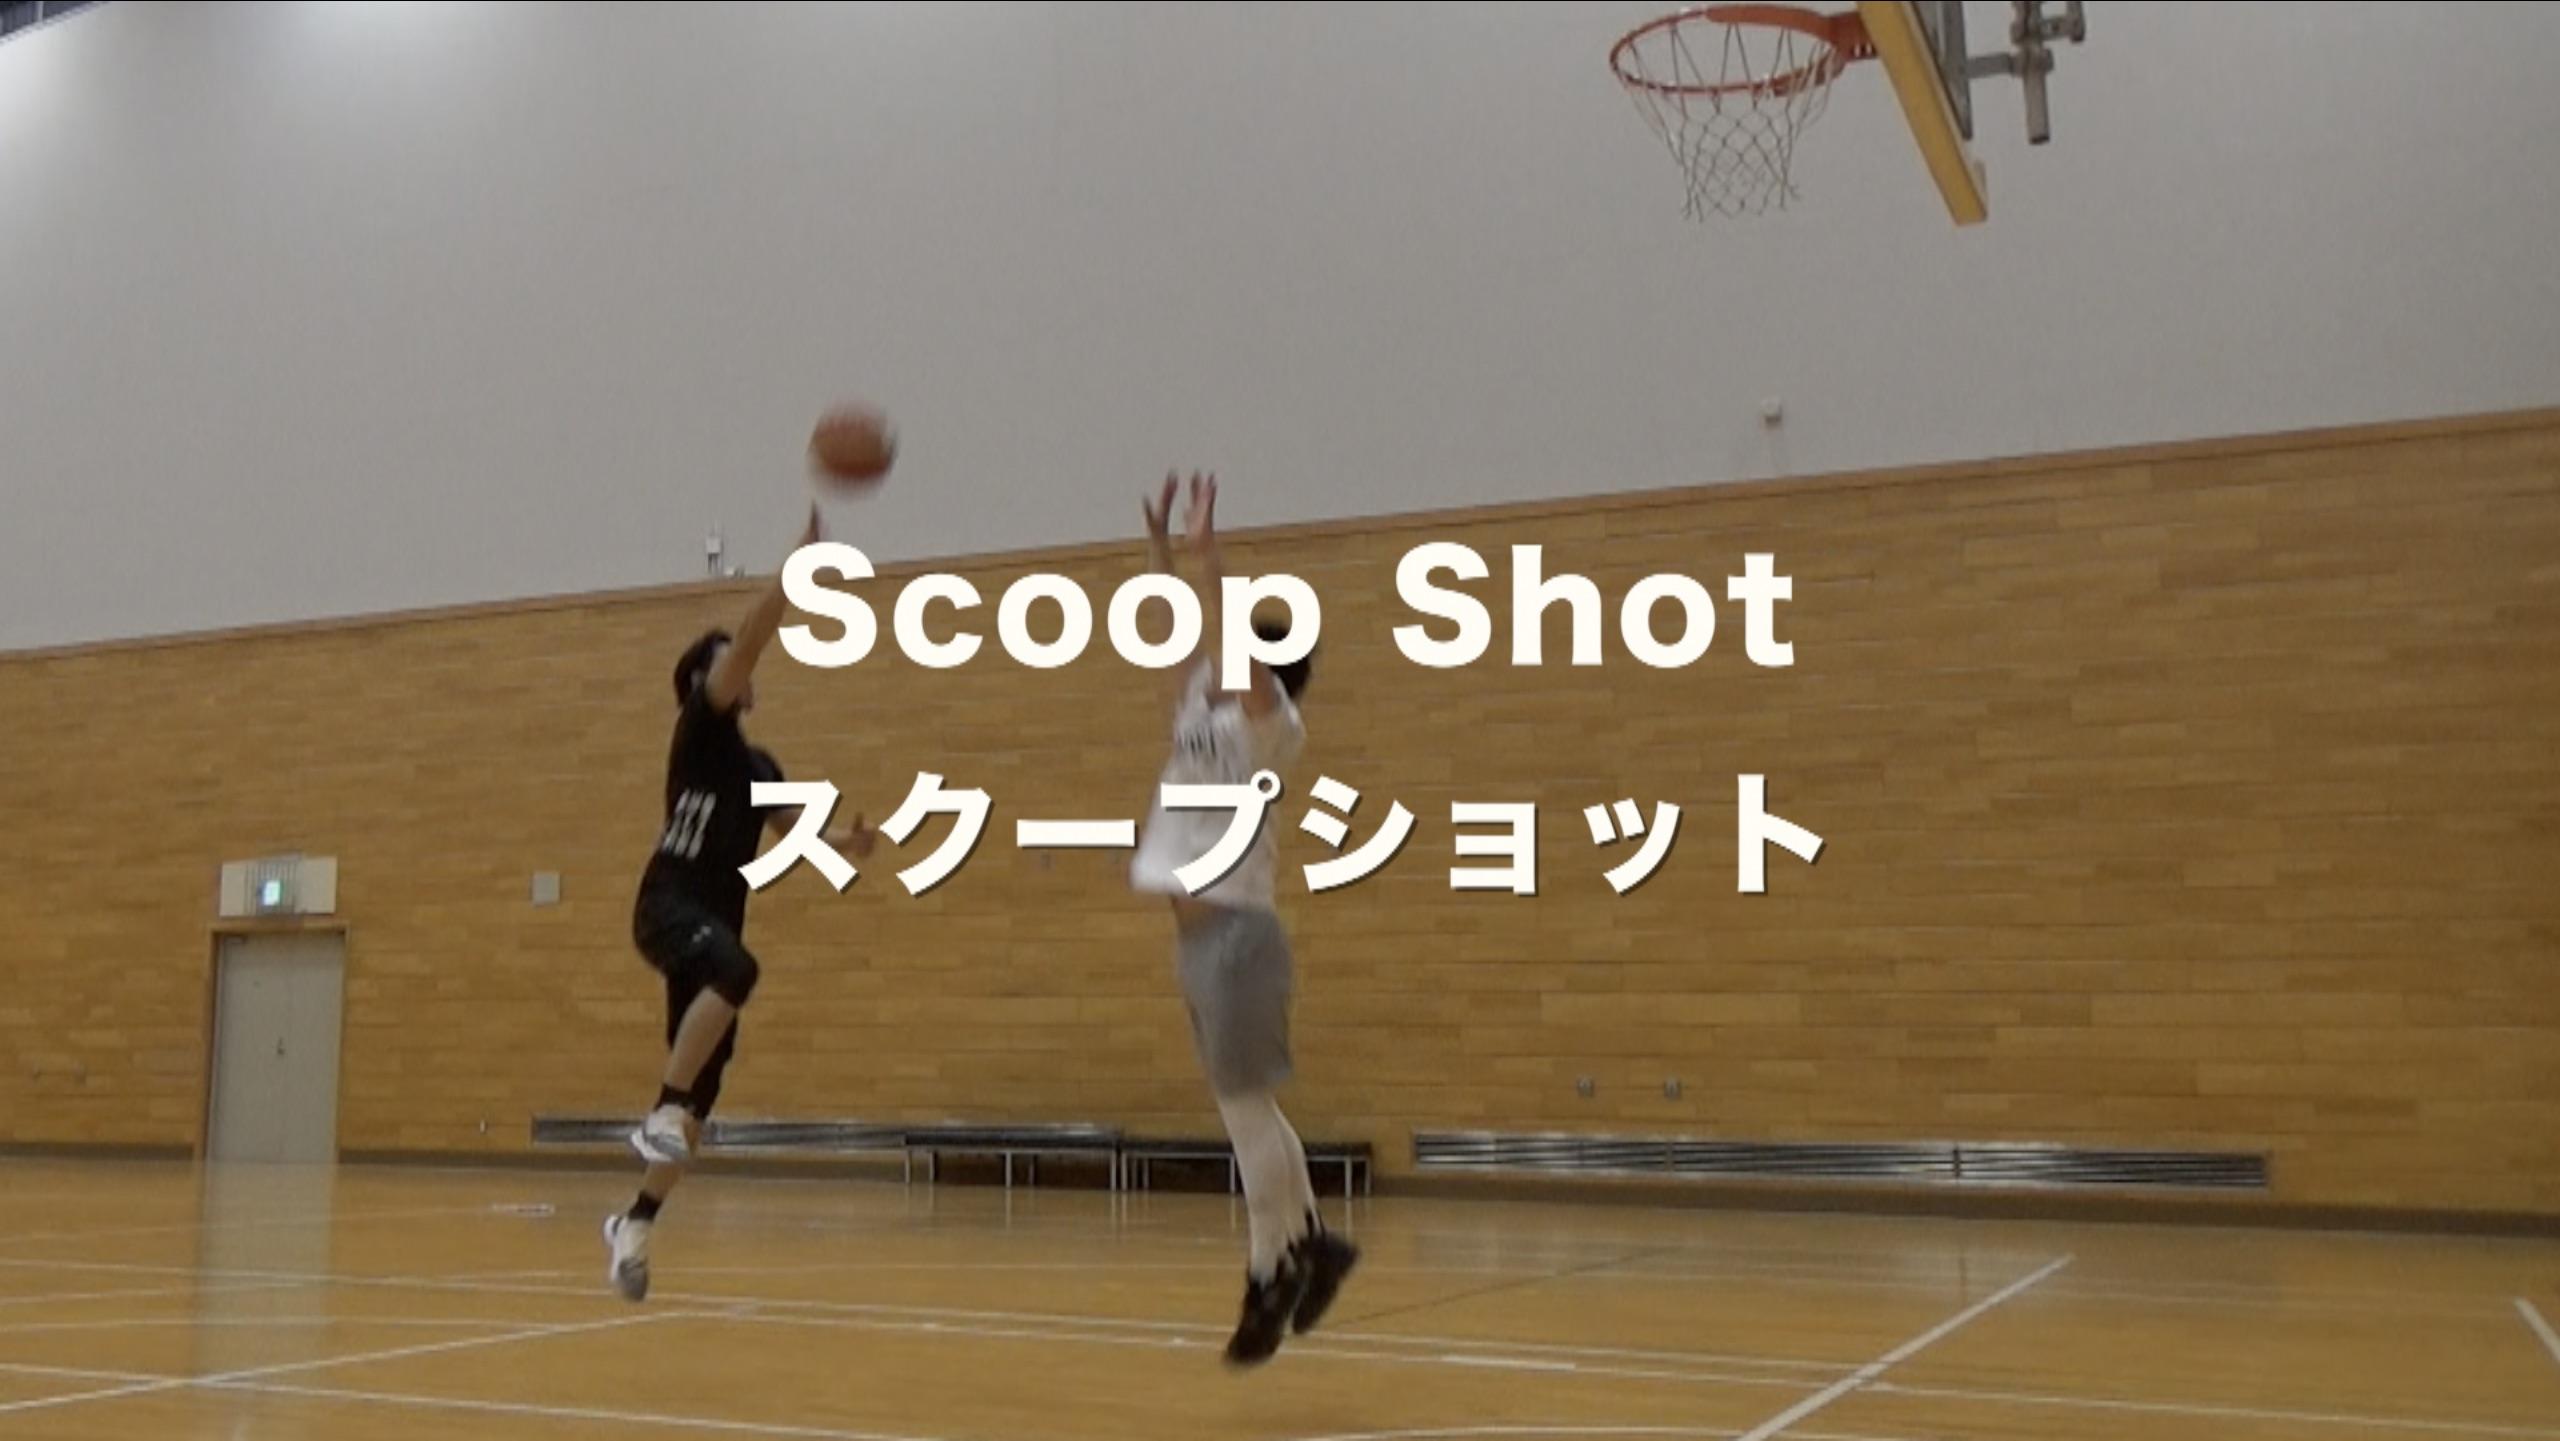 スクープショット - 【ワンバス】バスケスキルアップのための練習 ...